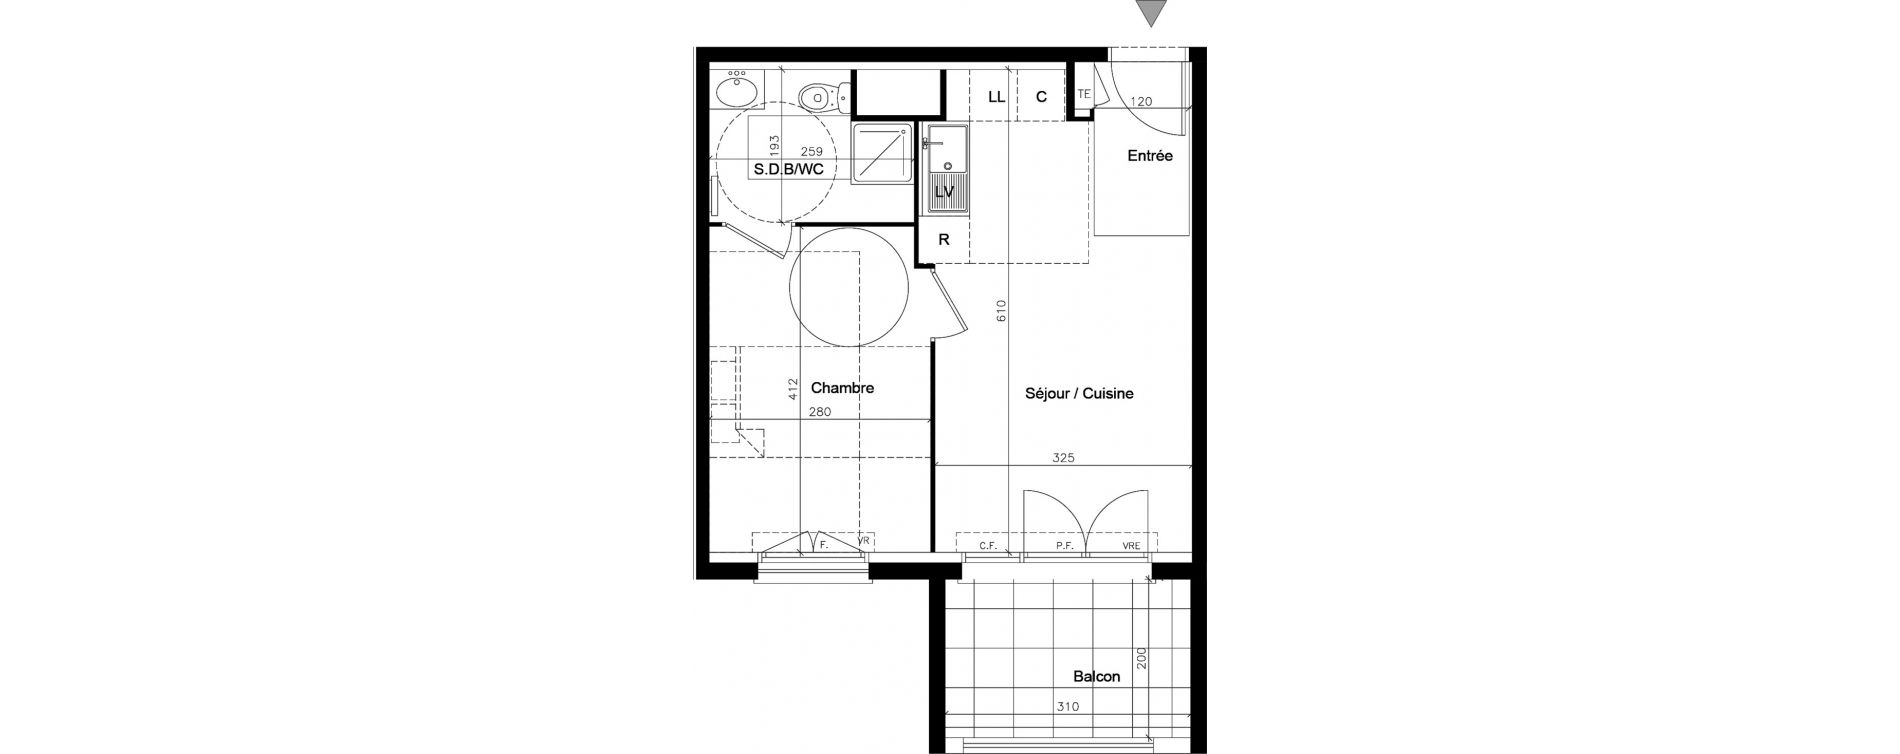 Appartement T2 de 35,85 m2 au Muy Saint roch - le muy